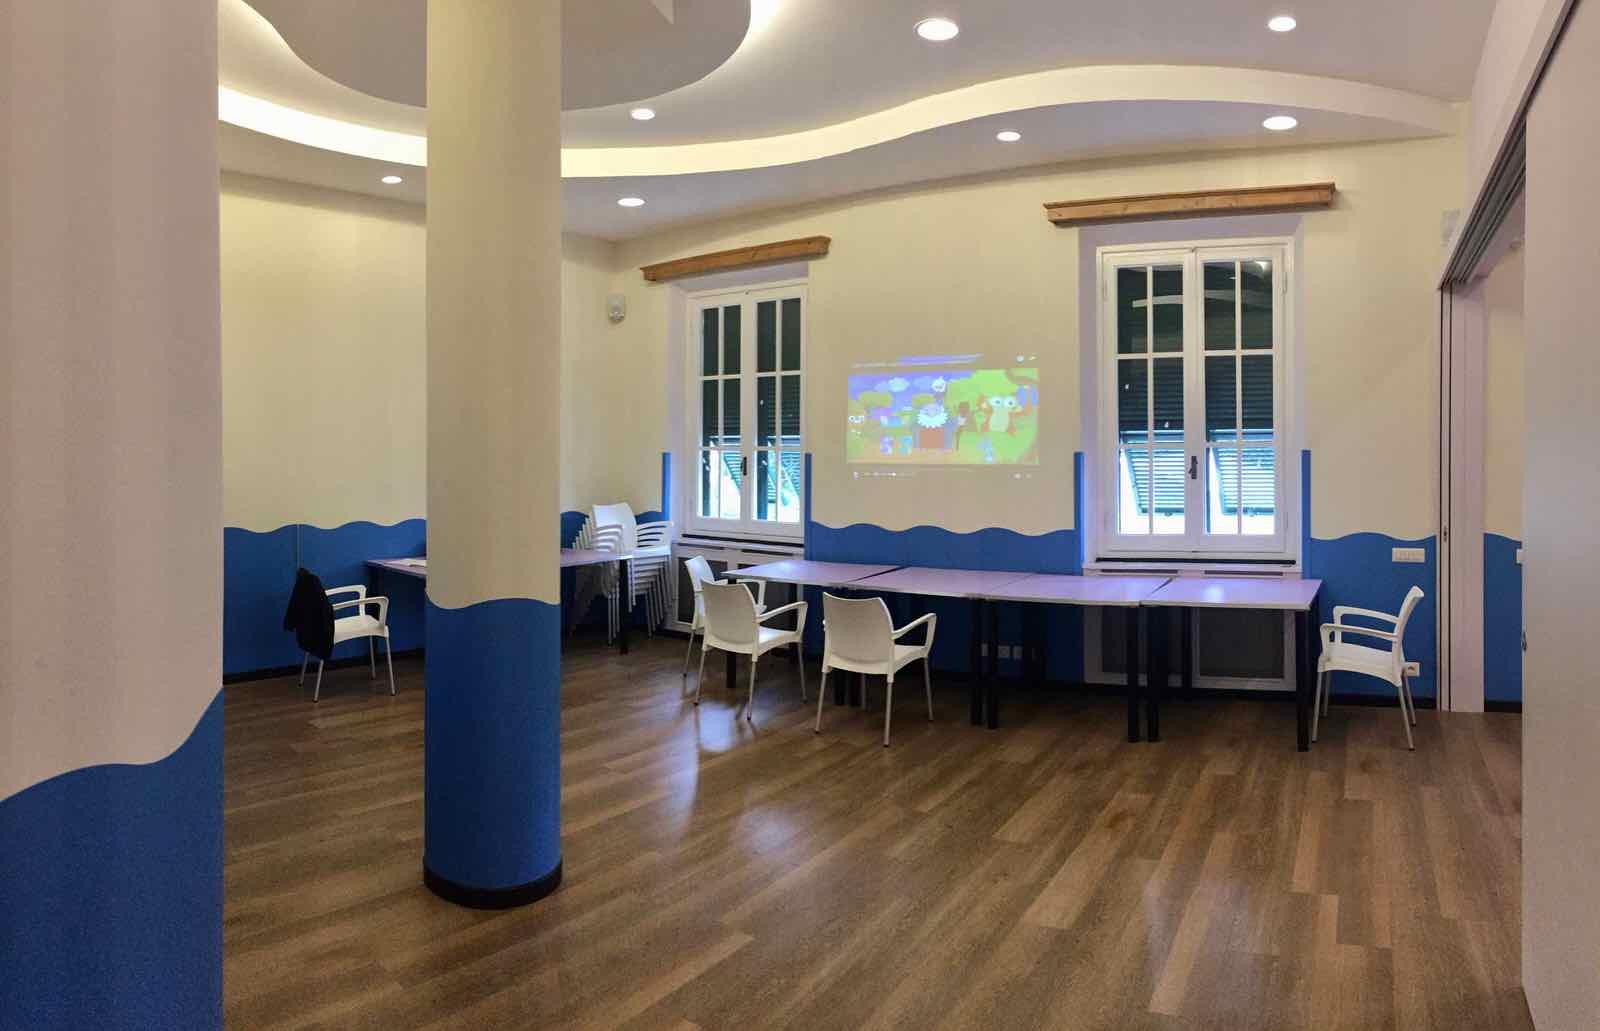 Progetto Ricomincio da te - Area Disabili Centro Benedetto Acquarone 04